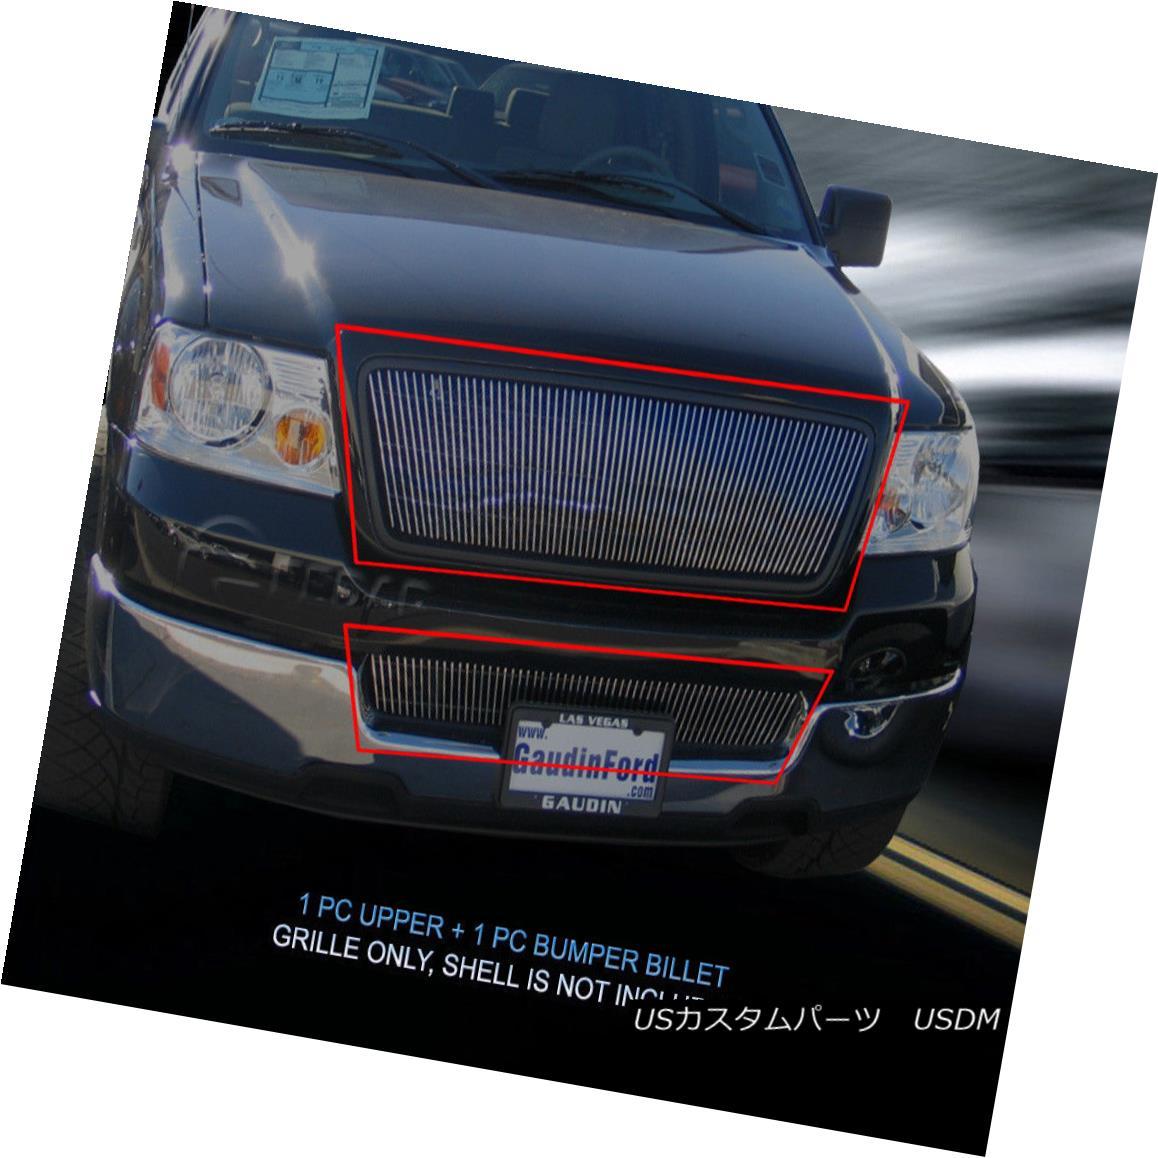 グリル 04-05 Ford F-150 F150 Billet Grille Grill Combo Vertical Insert Fedar 04-05 Ford F-150 F150ビレットグリルグリルコンボ縦型インサートFedar